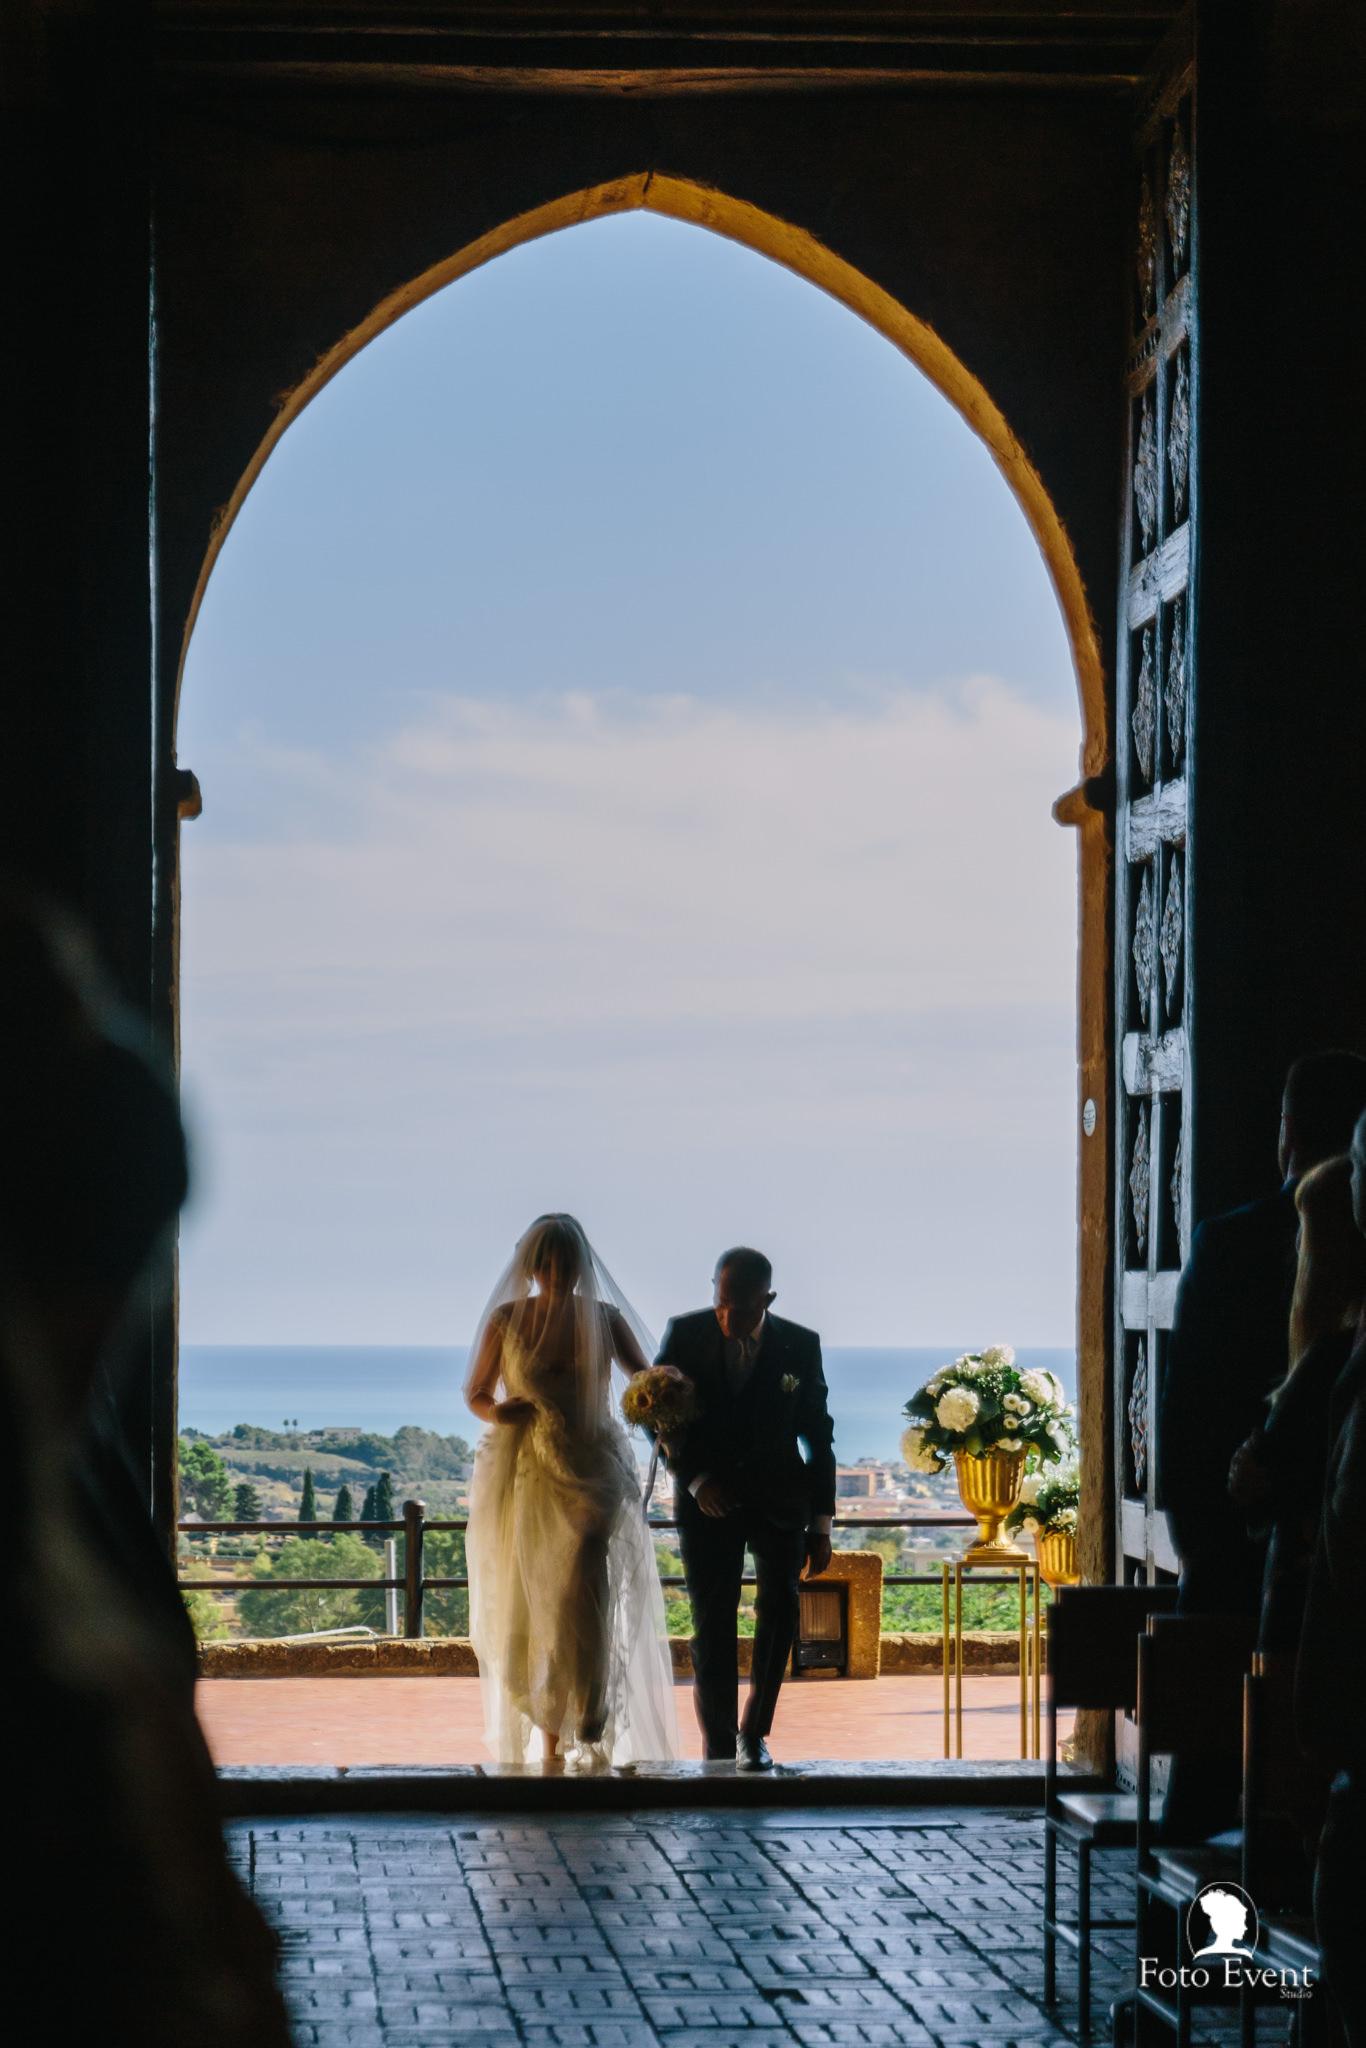 022-2019-09-09-Matrimonio-Dorotea-e-Alberto-Iemmolo-5DE-703